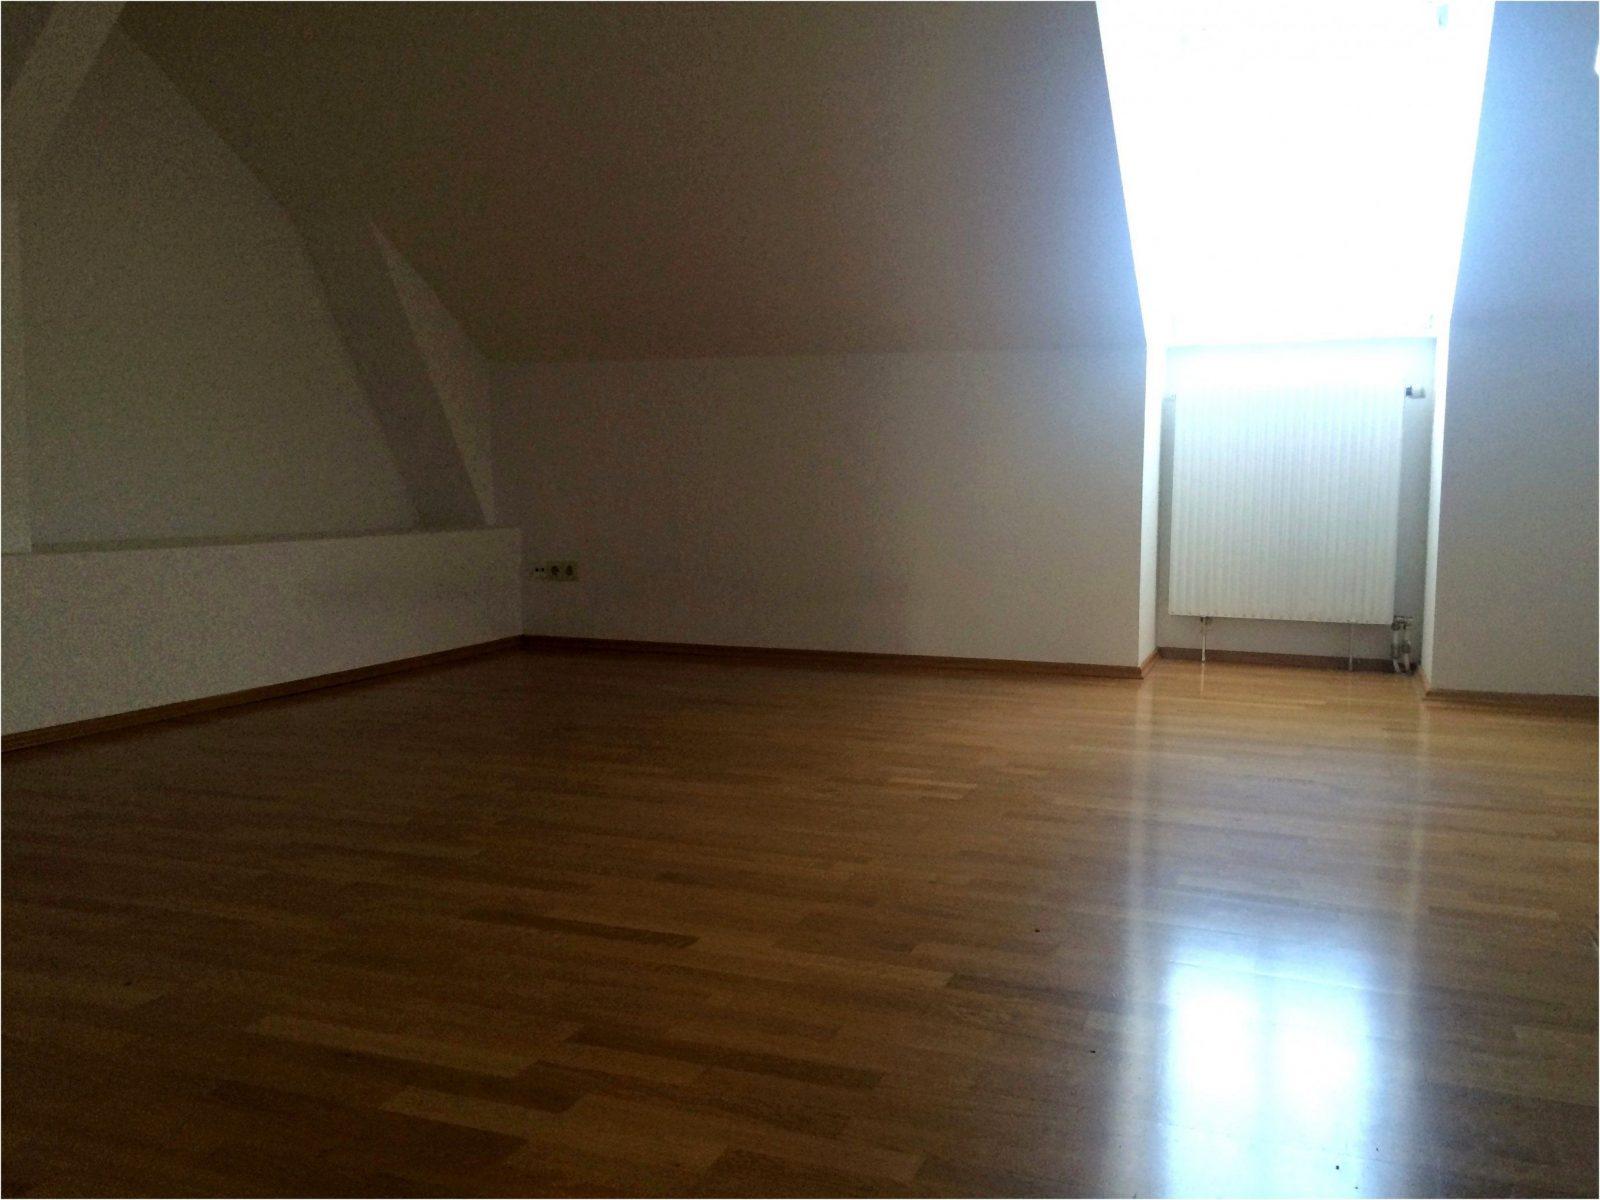 Wohnung Mieten München Provisionsfrei 1 Zimmer  Beste Sammlung Von von Wohnung Mieten München Provisionsfrei 1 Zimmer Bild